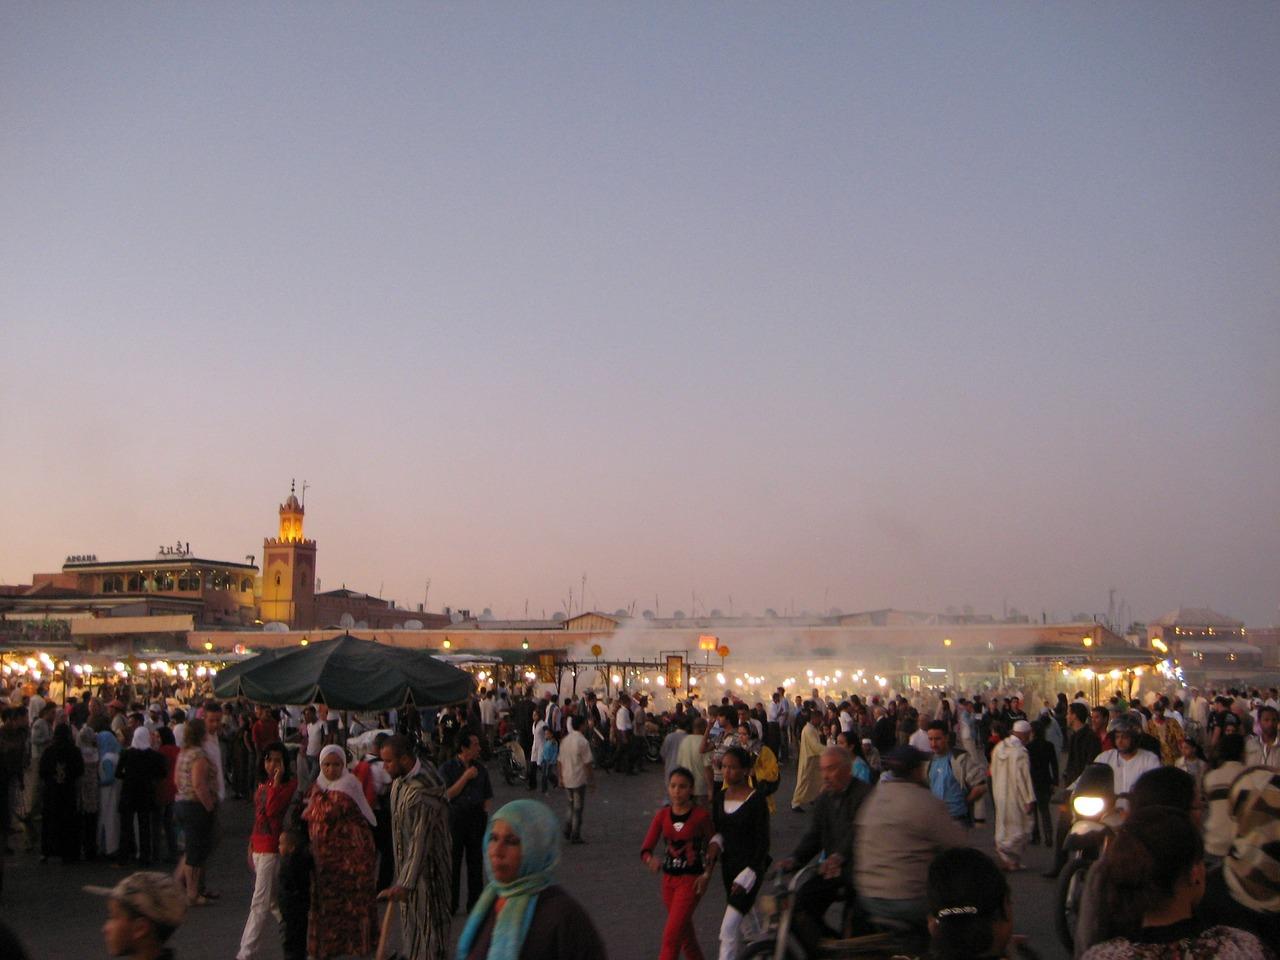 Le Migliori Destinazioni Del Mondo Del 2015 Marrakech In Marocco 1  #9D672E 1280 960 Classifica Delle Migliori Cucine Del Mondo